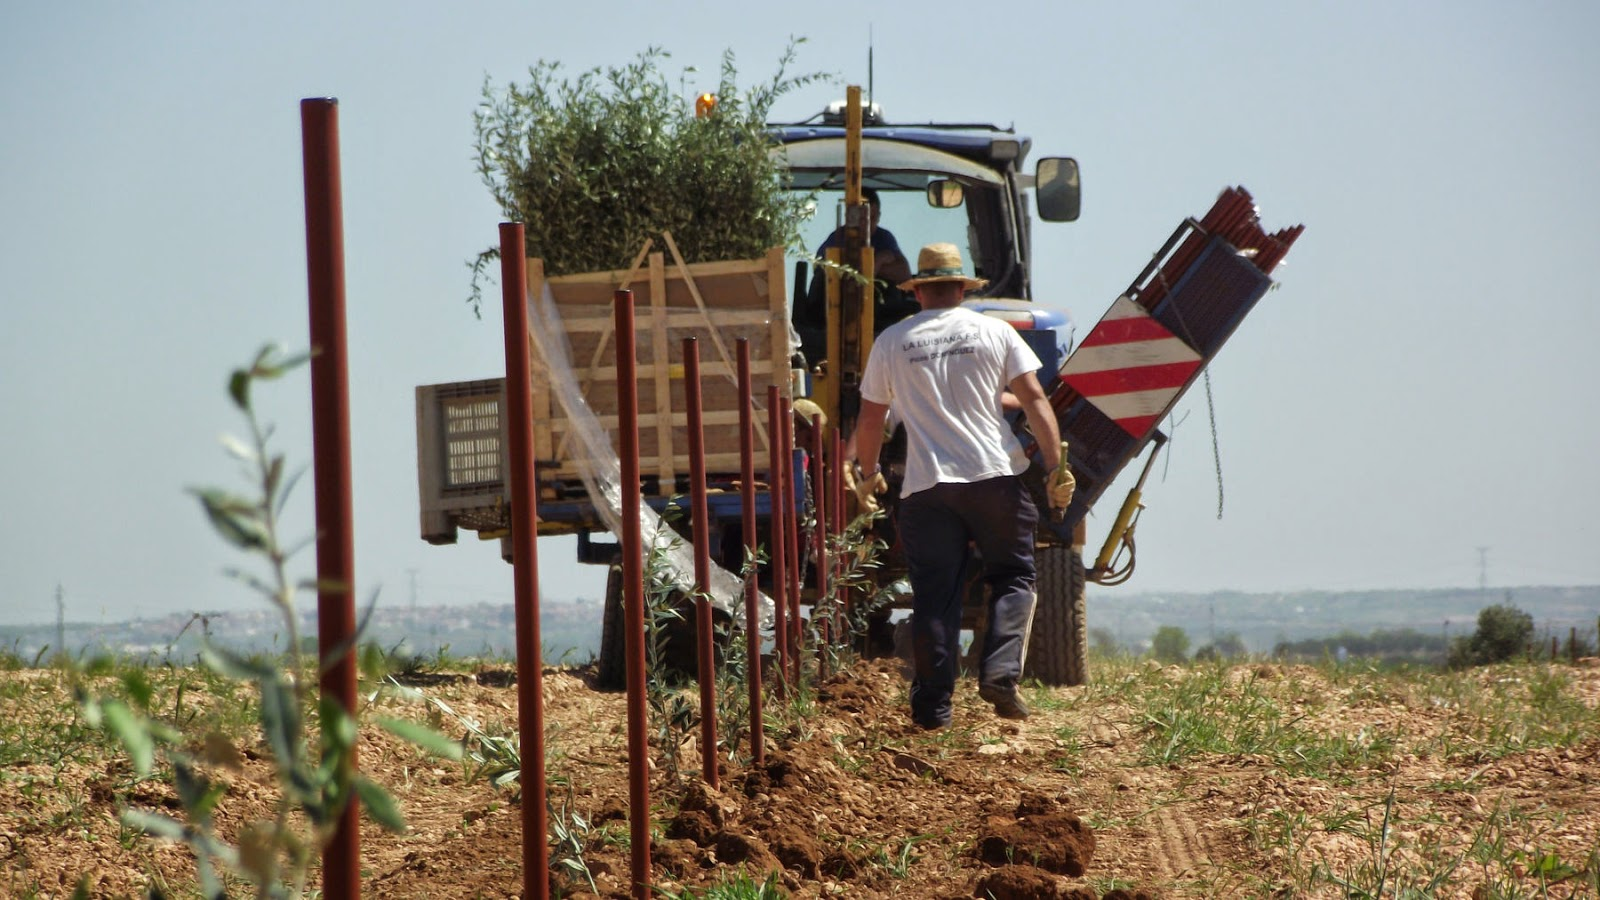 Realización de plantación de olivos con máquina y clavado final con martillo